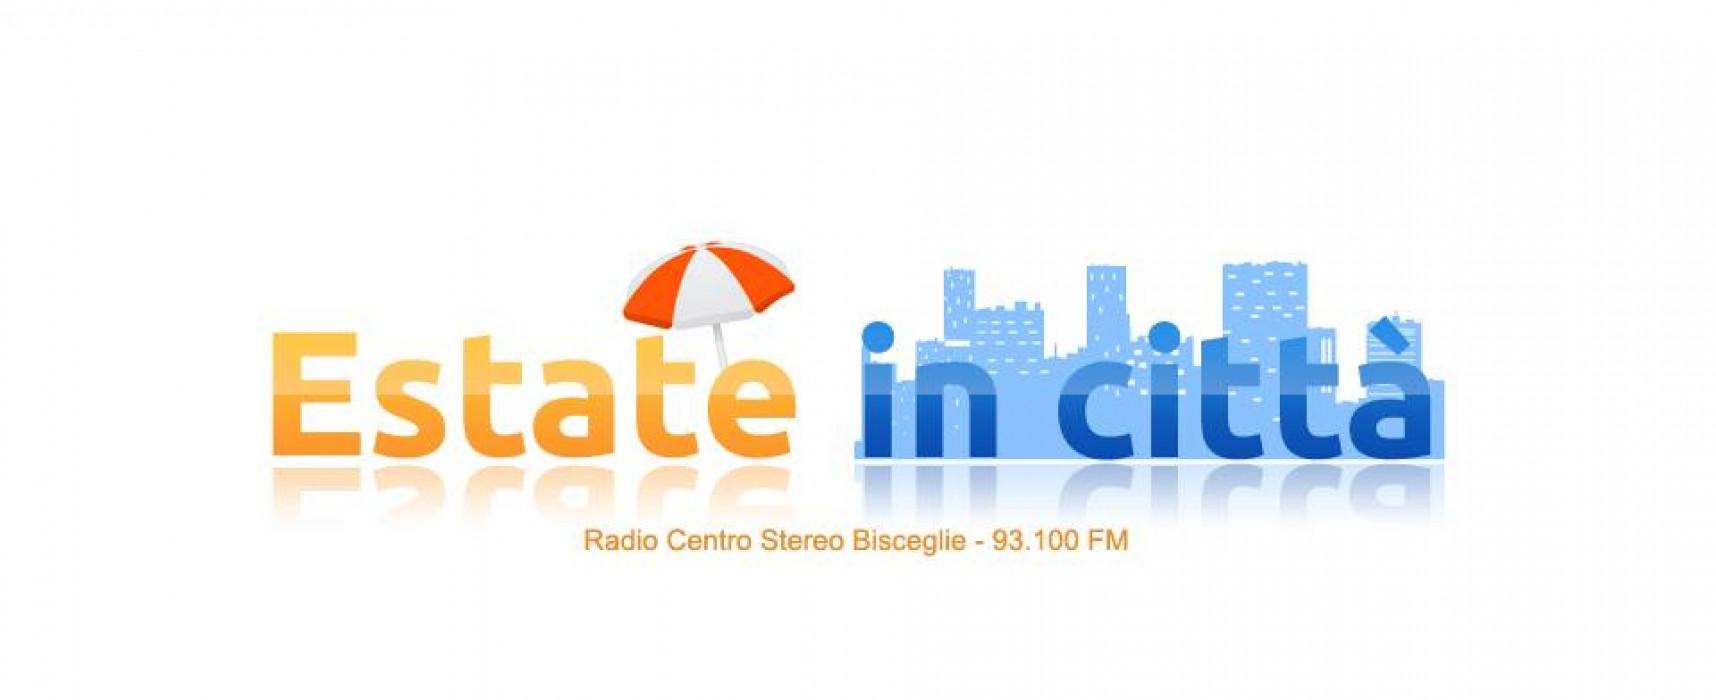 Radio Centro cerca una nuova speaker, al via le selezioni